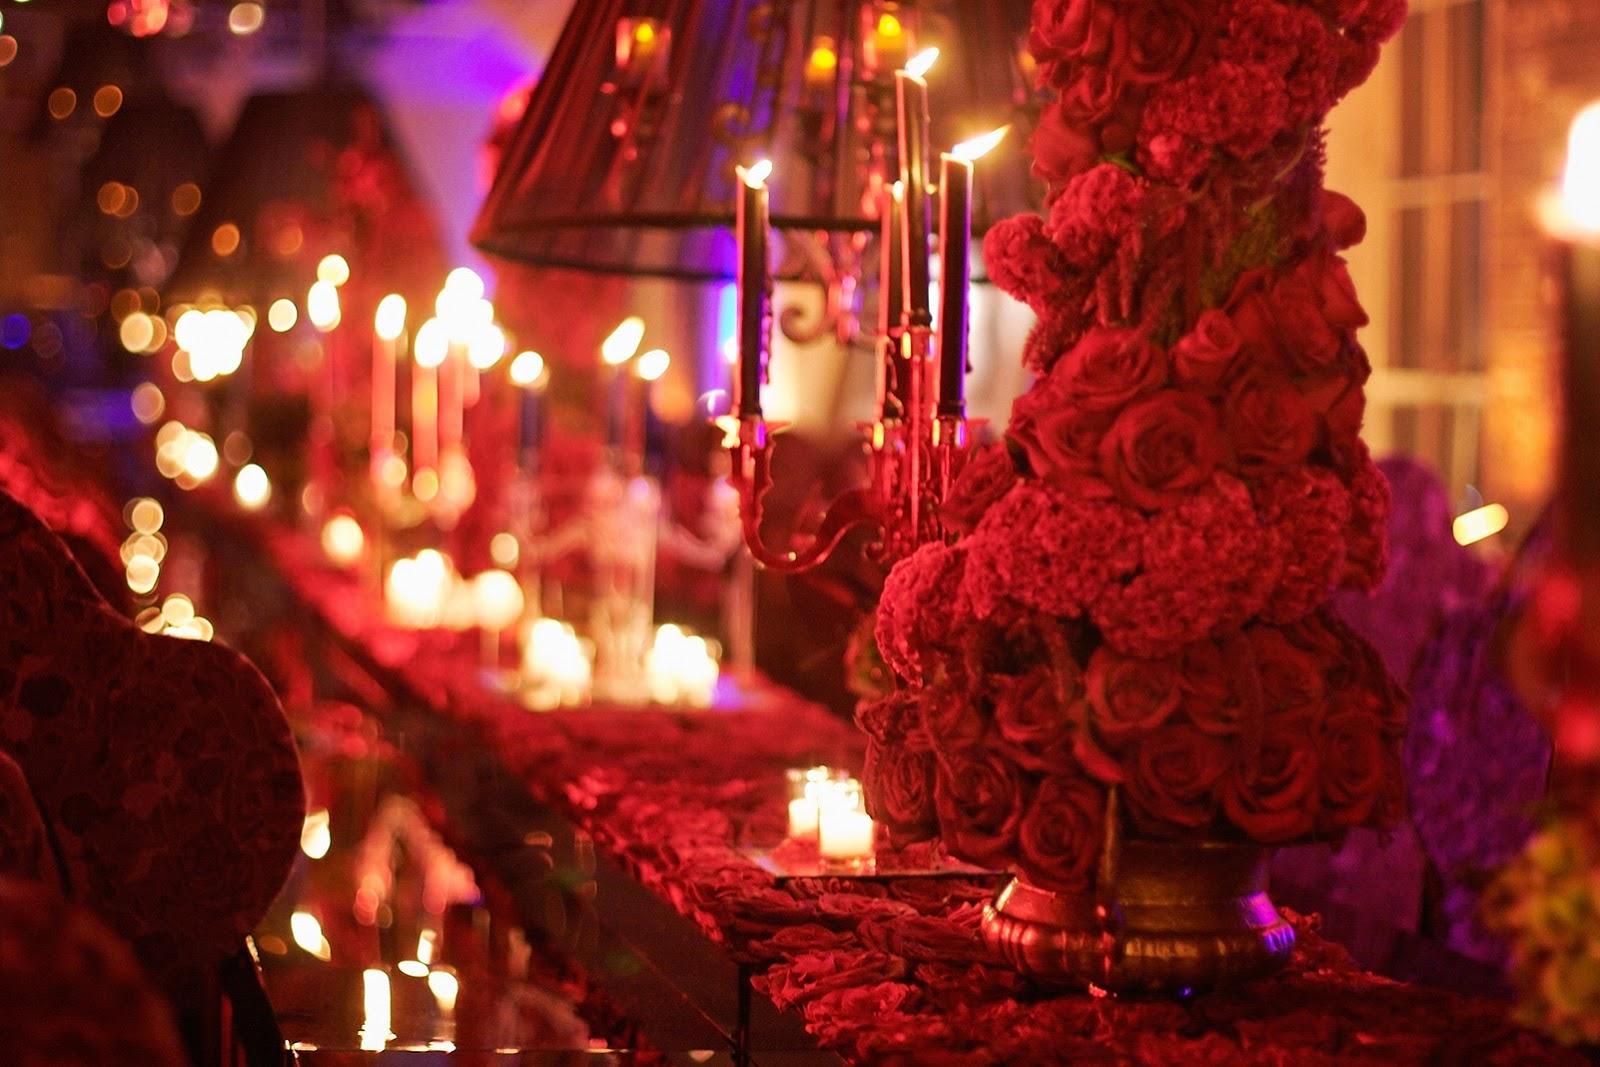 February wedding themes wedding ideas bridal affairs february 2017 junglespirit Images